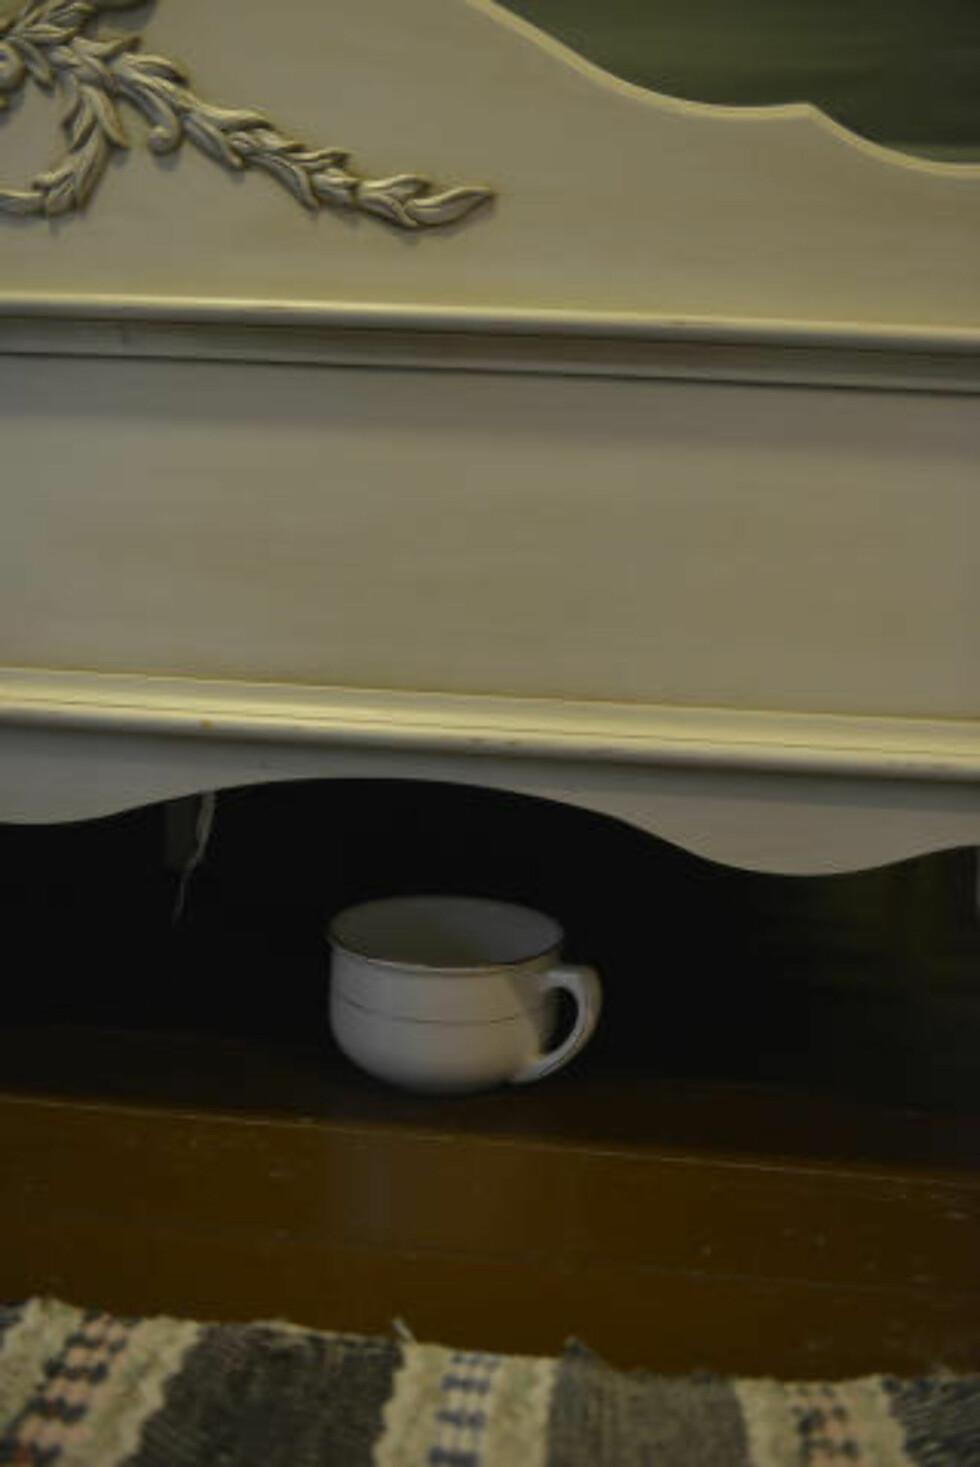 BARE SE, IKKE RØRE: Det vil si, du kan godt røre nattpotta under senga på rommet. Men det er ikke meningen at du skal gjøre ditt fornødne i den. Uansett hvor mye du må. Foto: GJERMUND GLESNES